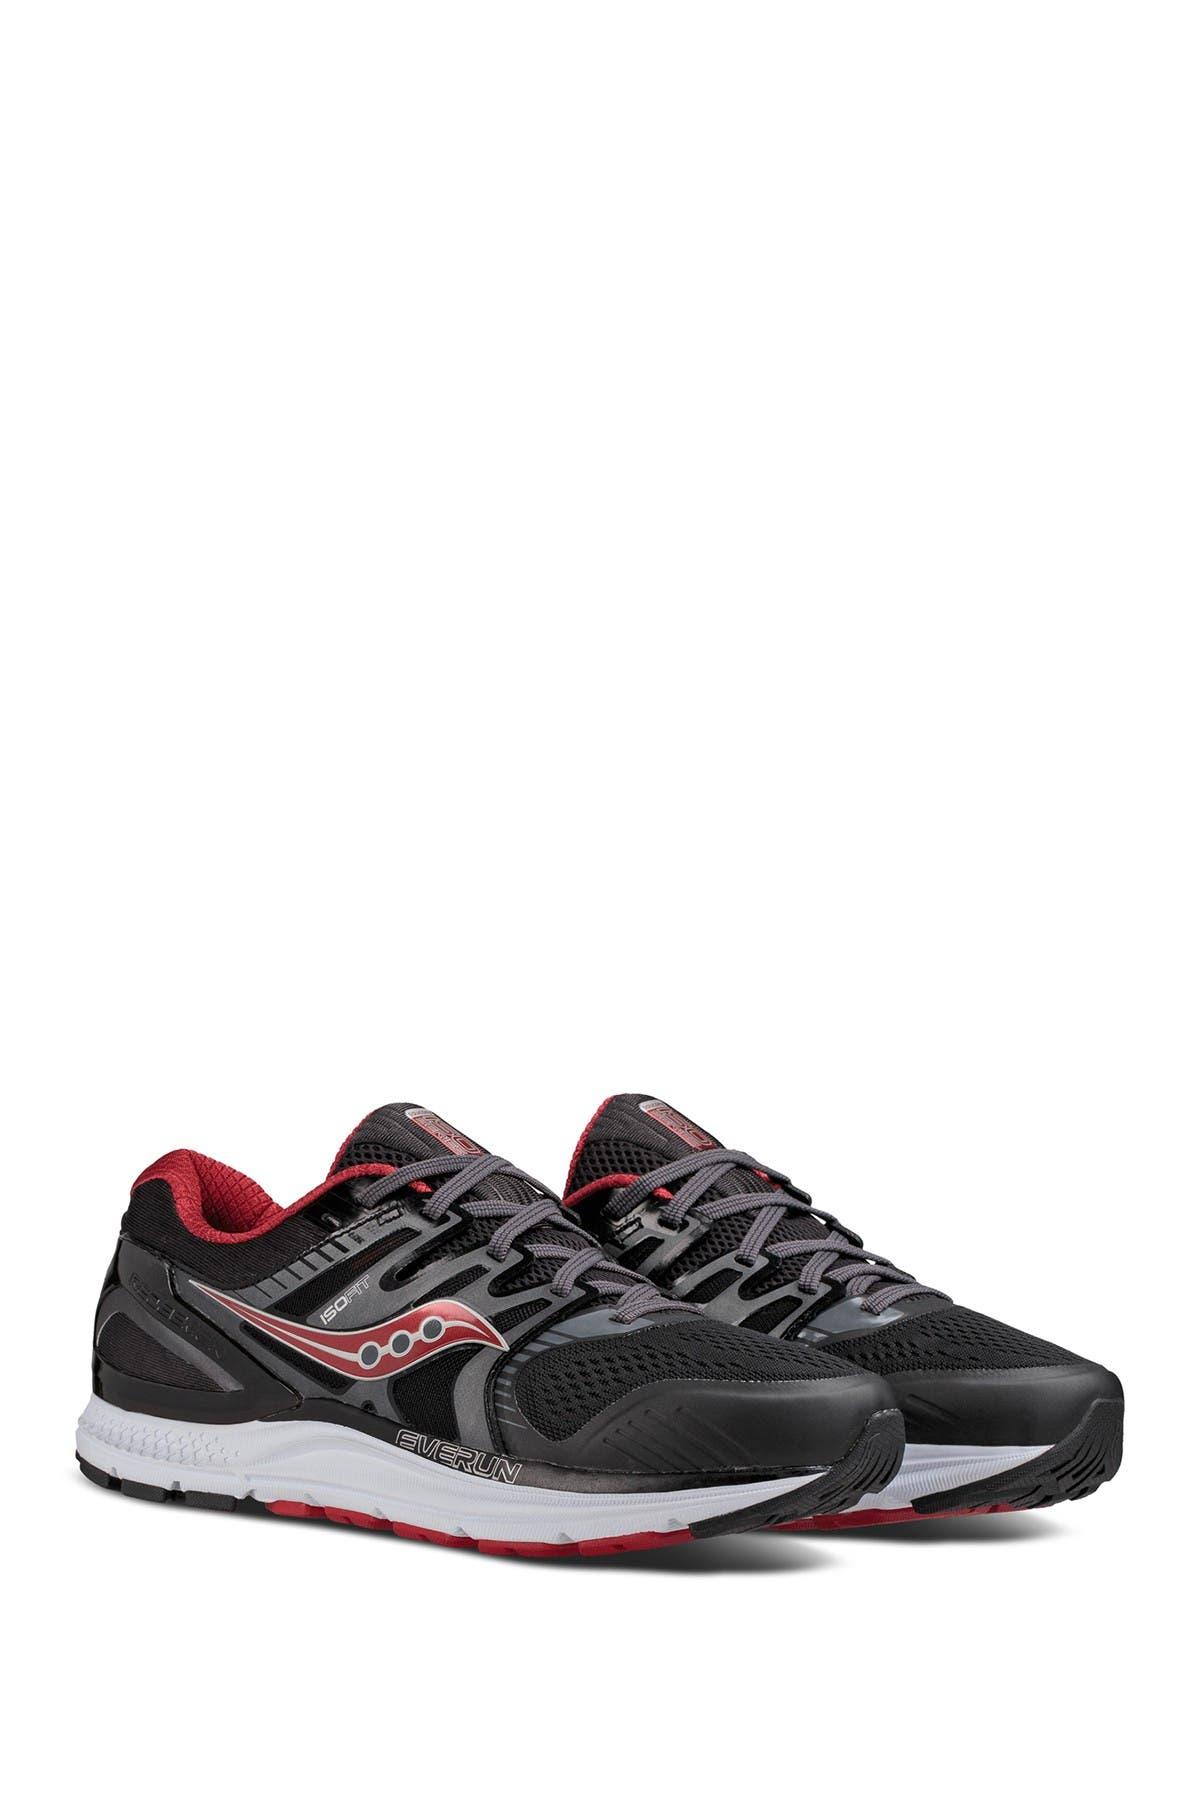 Saucony | Redeemer ISO 2 Running Shoe